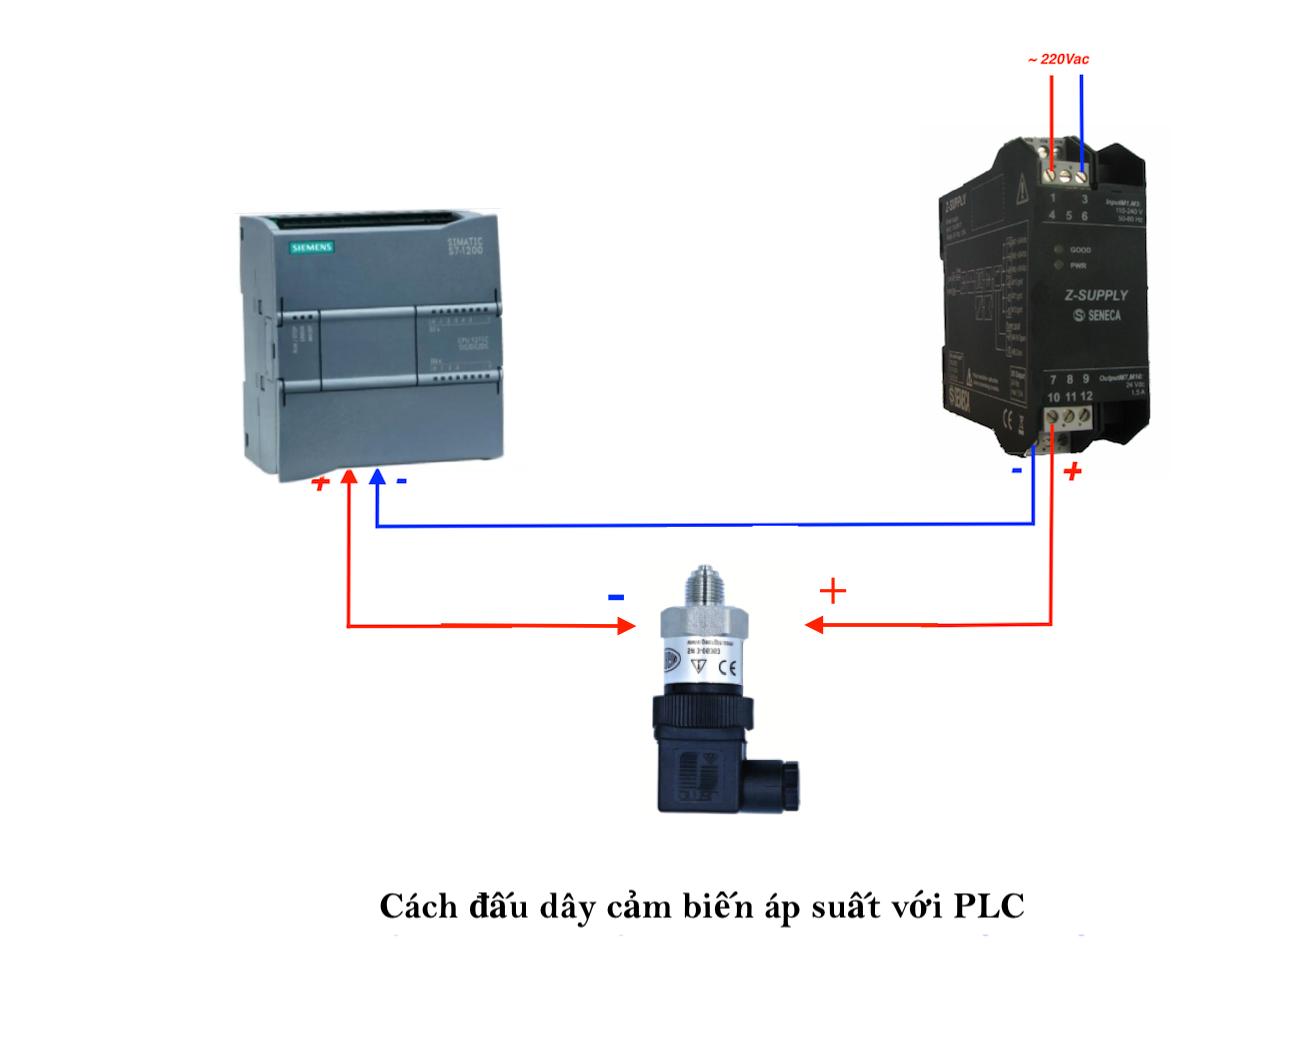 Cách đấu dây cảm biến áp suất 4-20mA với PLC – nguồn ngoài 24Vdc